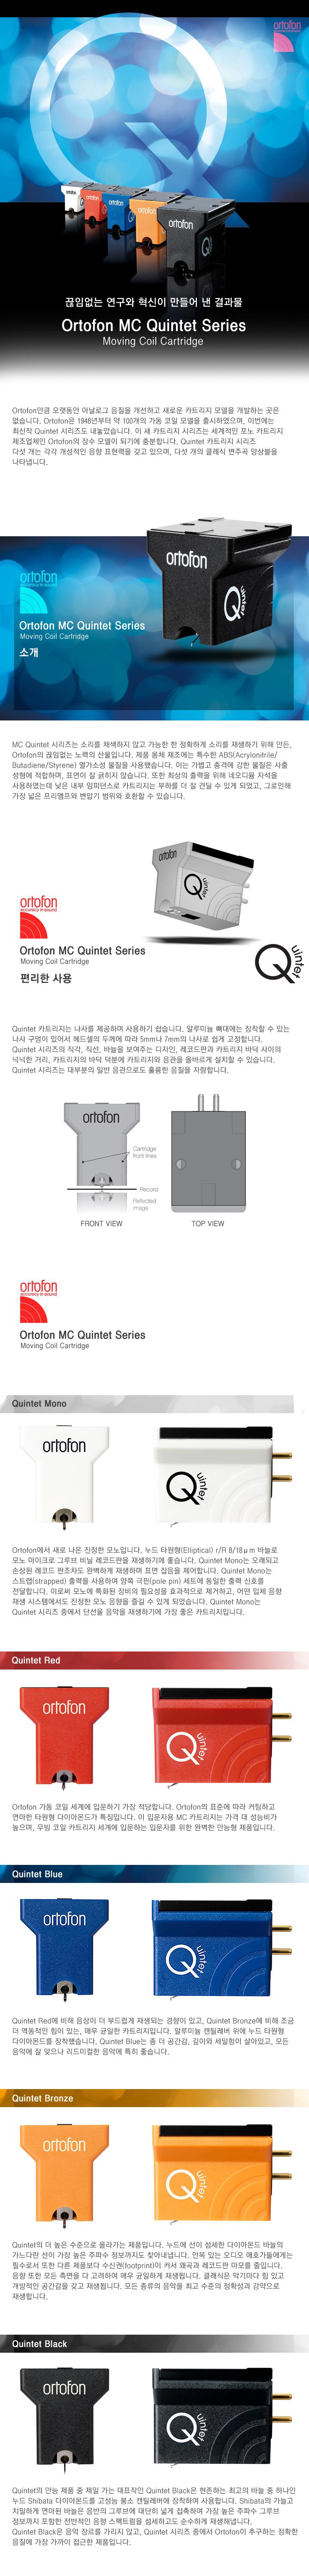 quintet1.jpg